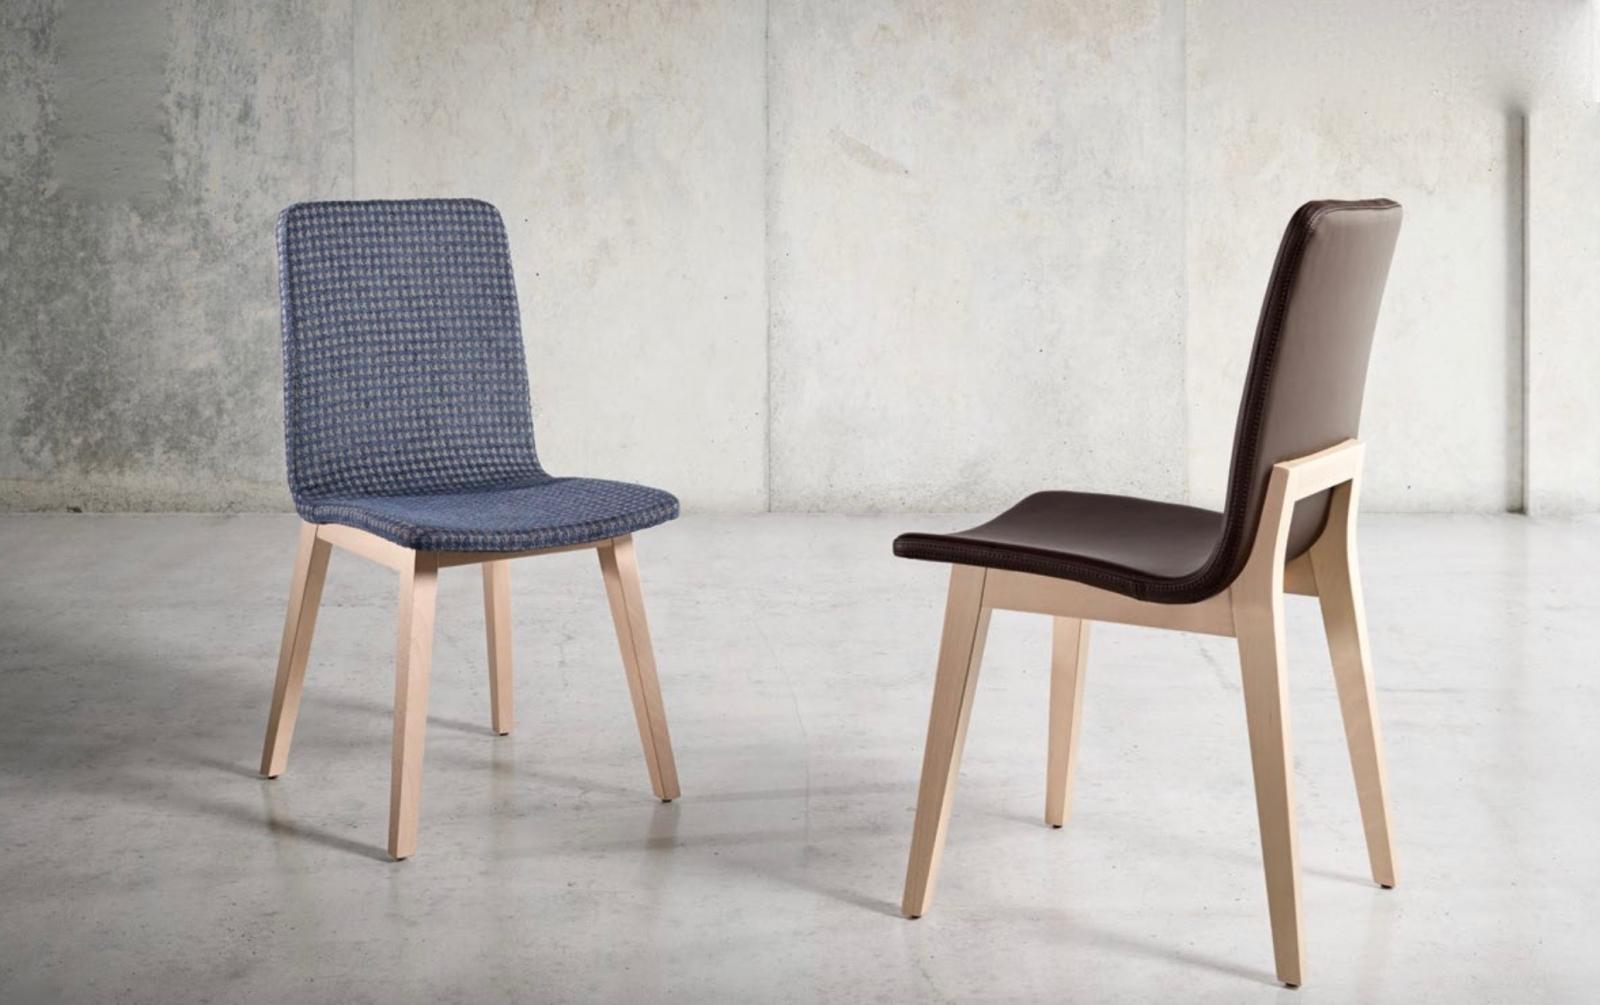 Silla Blex - Silla Blex, tapizado de alta calidad y con estructura de madera.